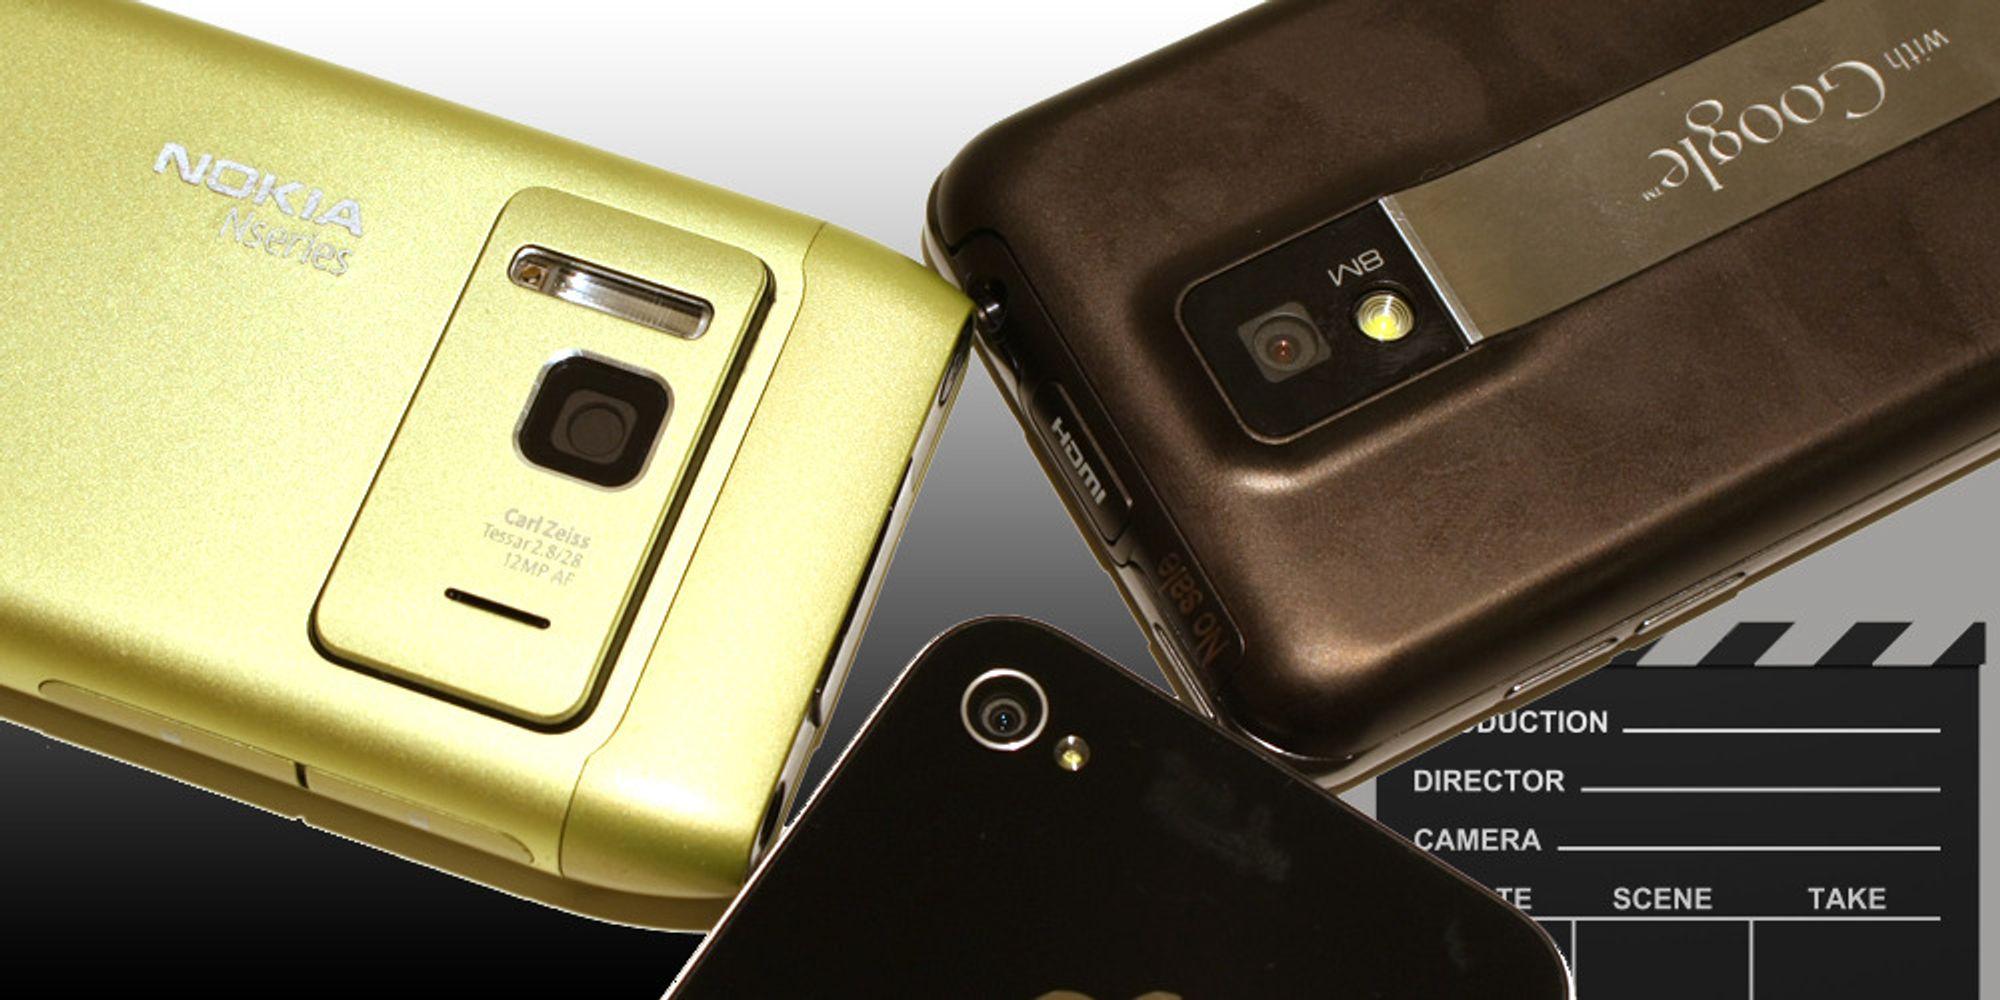 Optimus 2X vs iPhone 4 vs Nokia N8